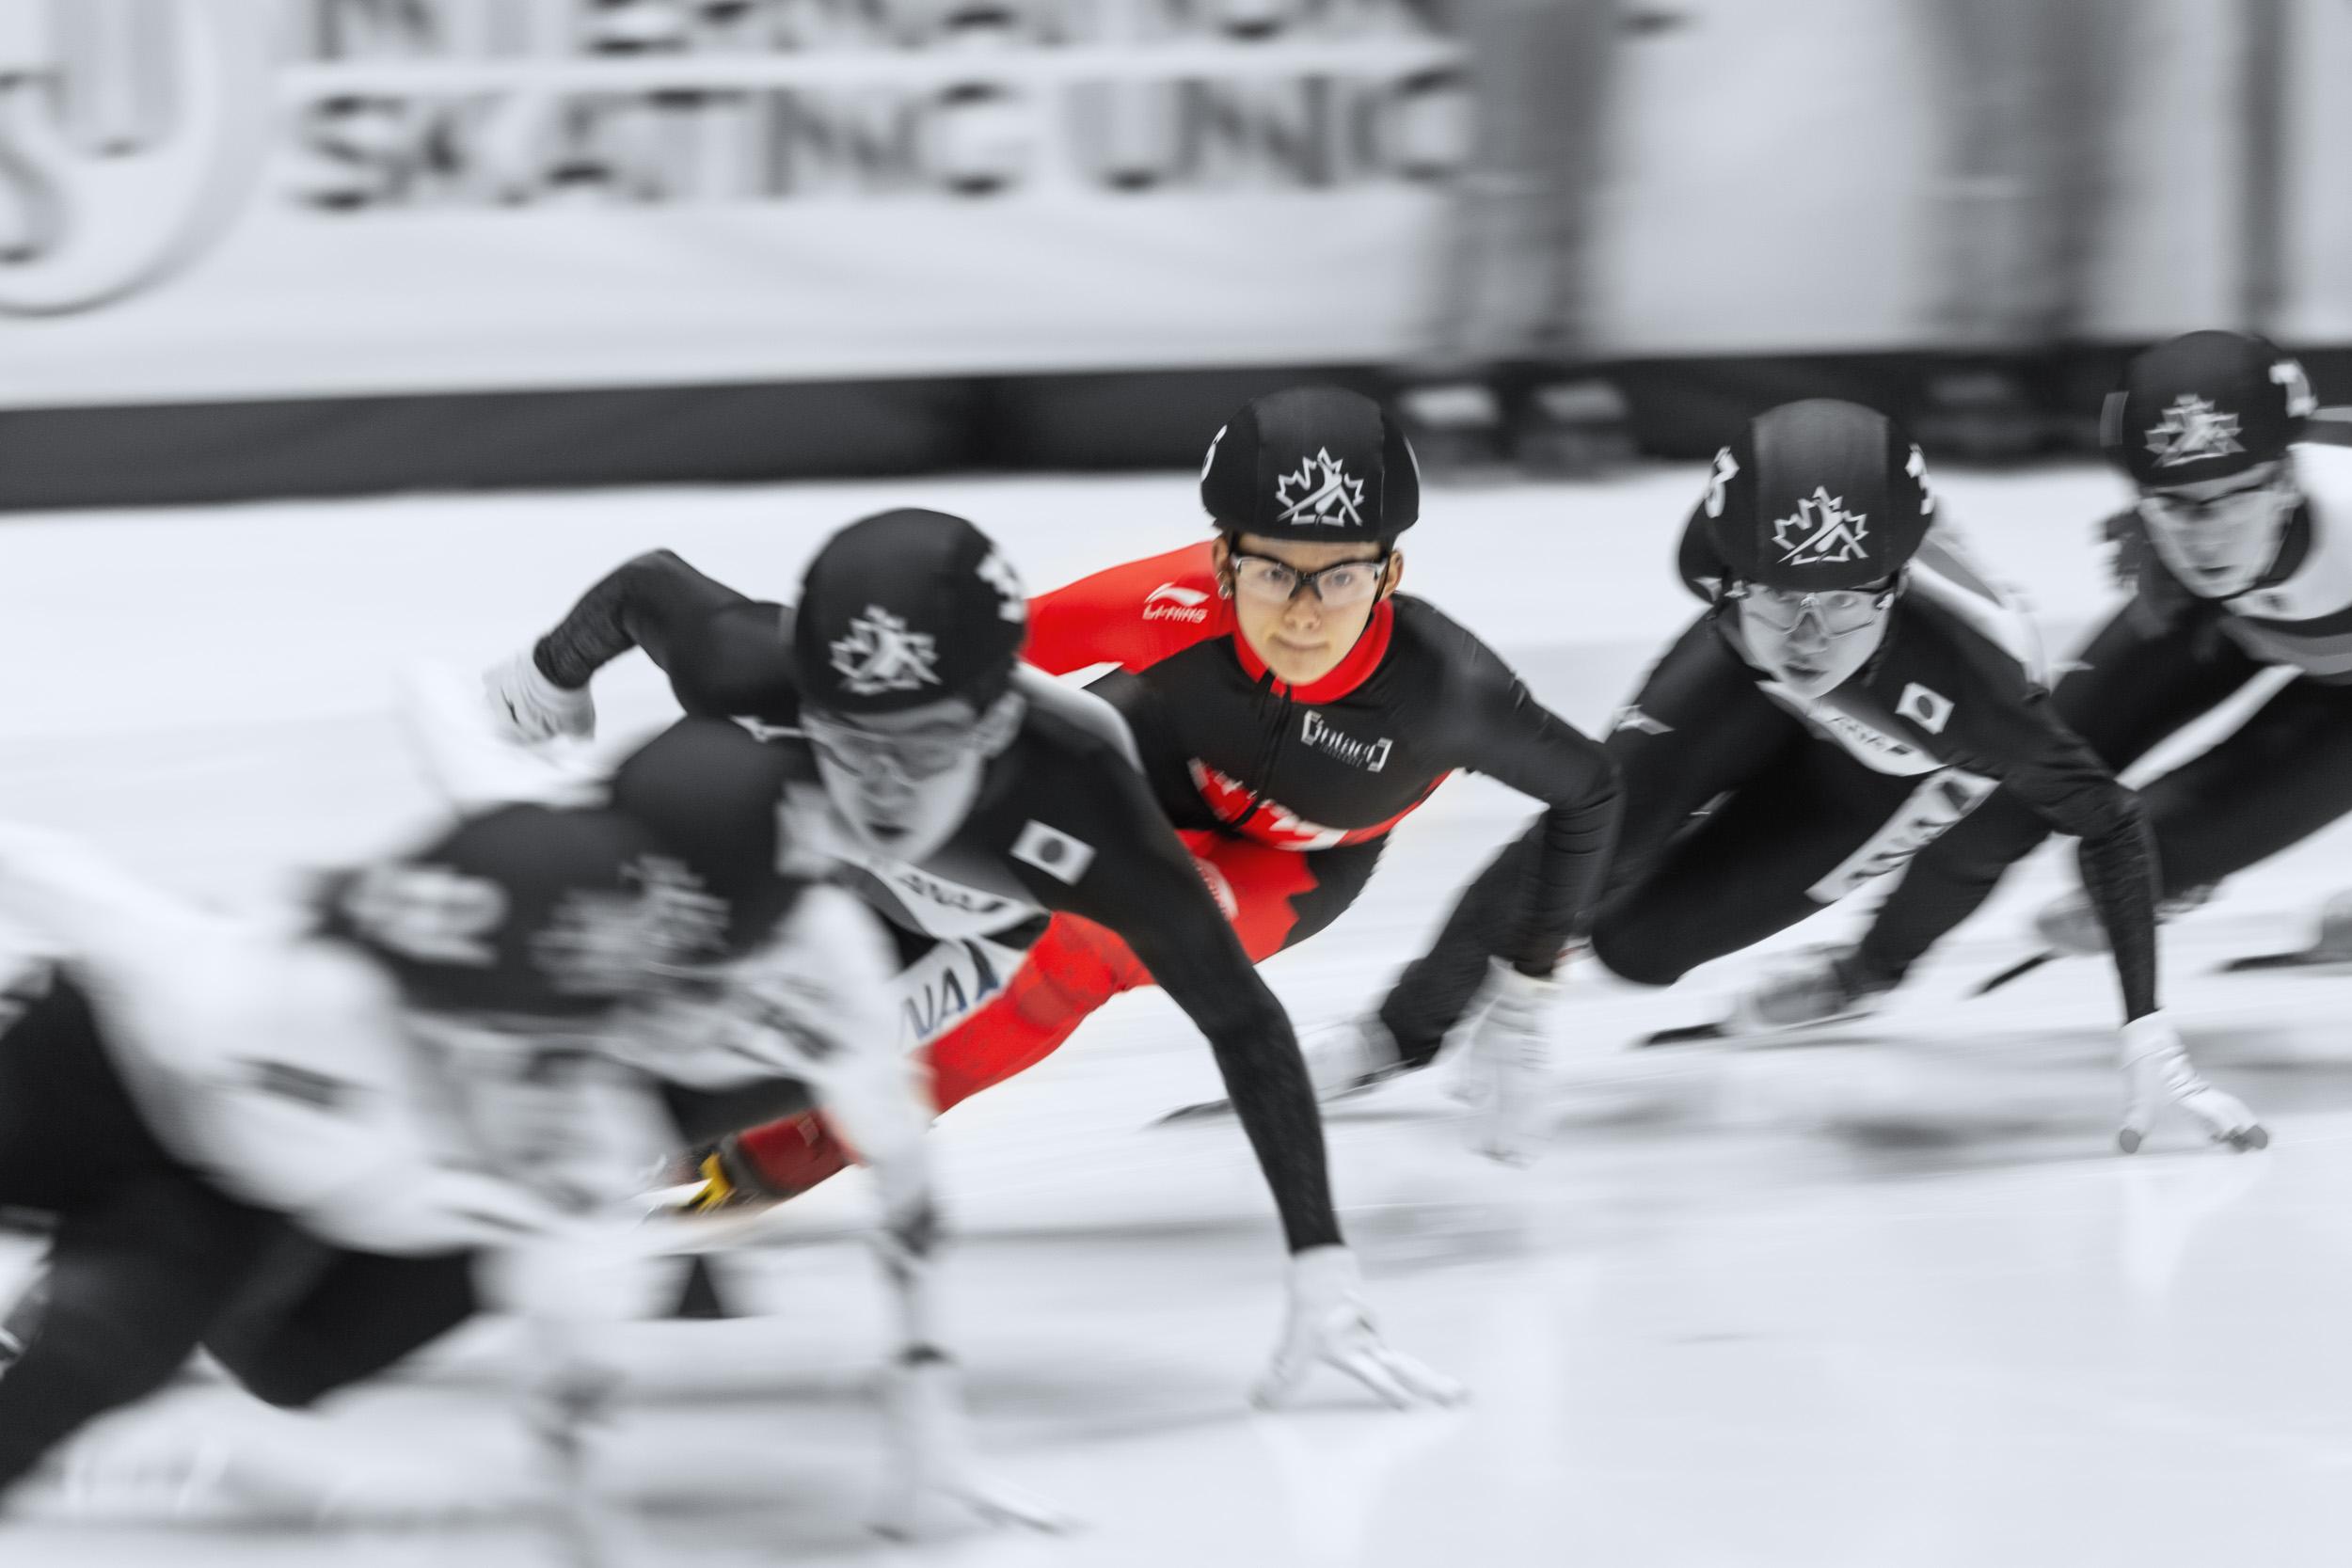 SpeedSkating_Jr19-7.jpg